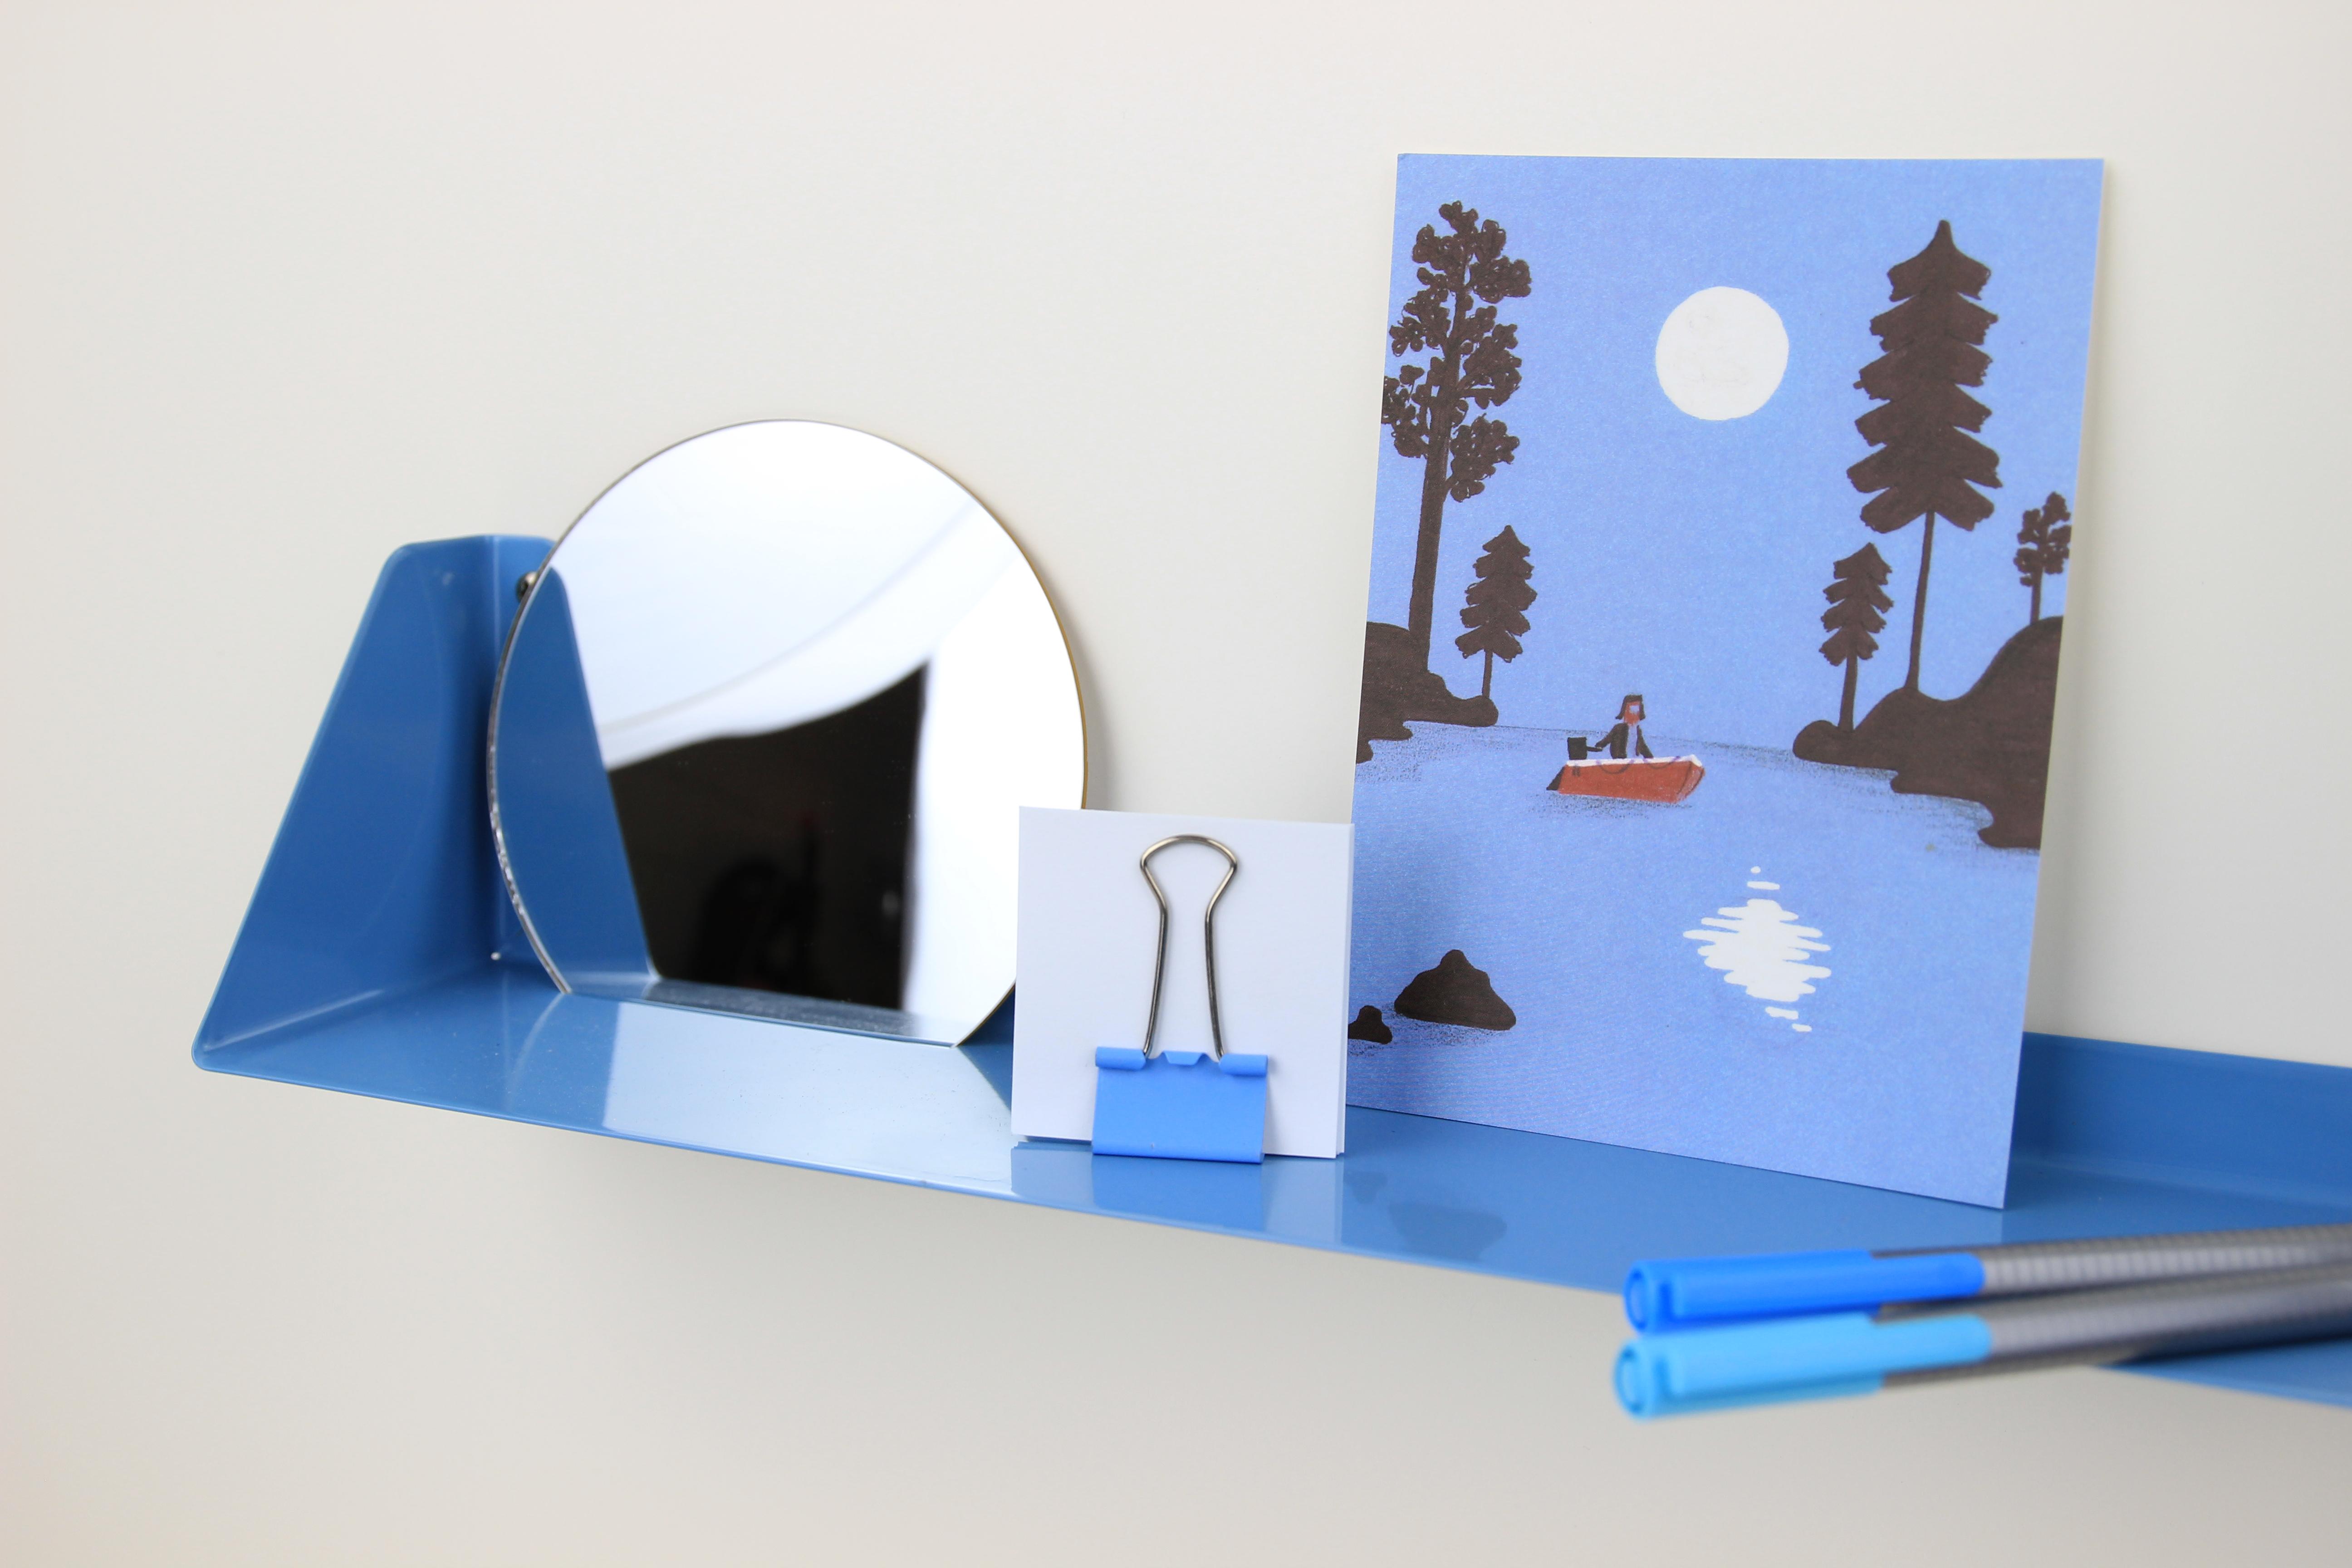 Wandregal mit Spiegel & Vase